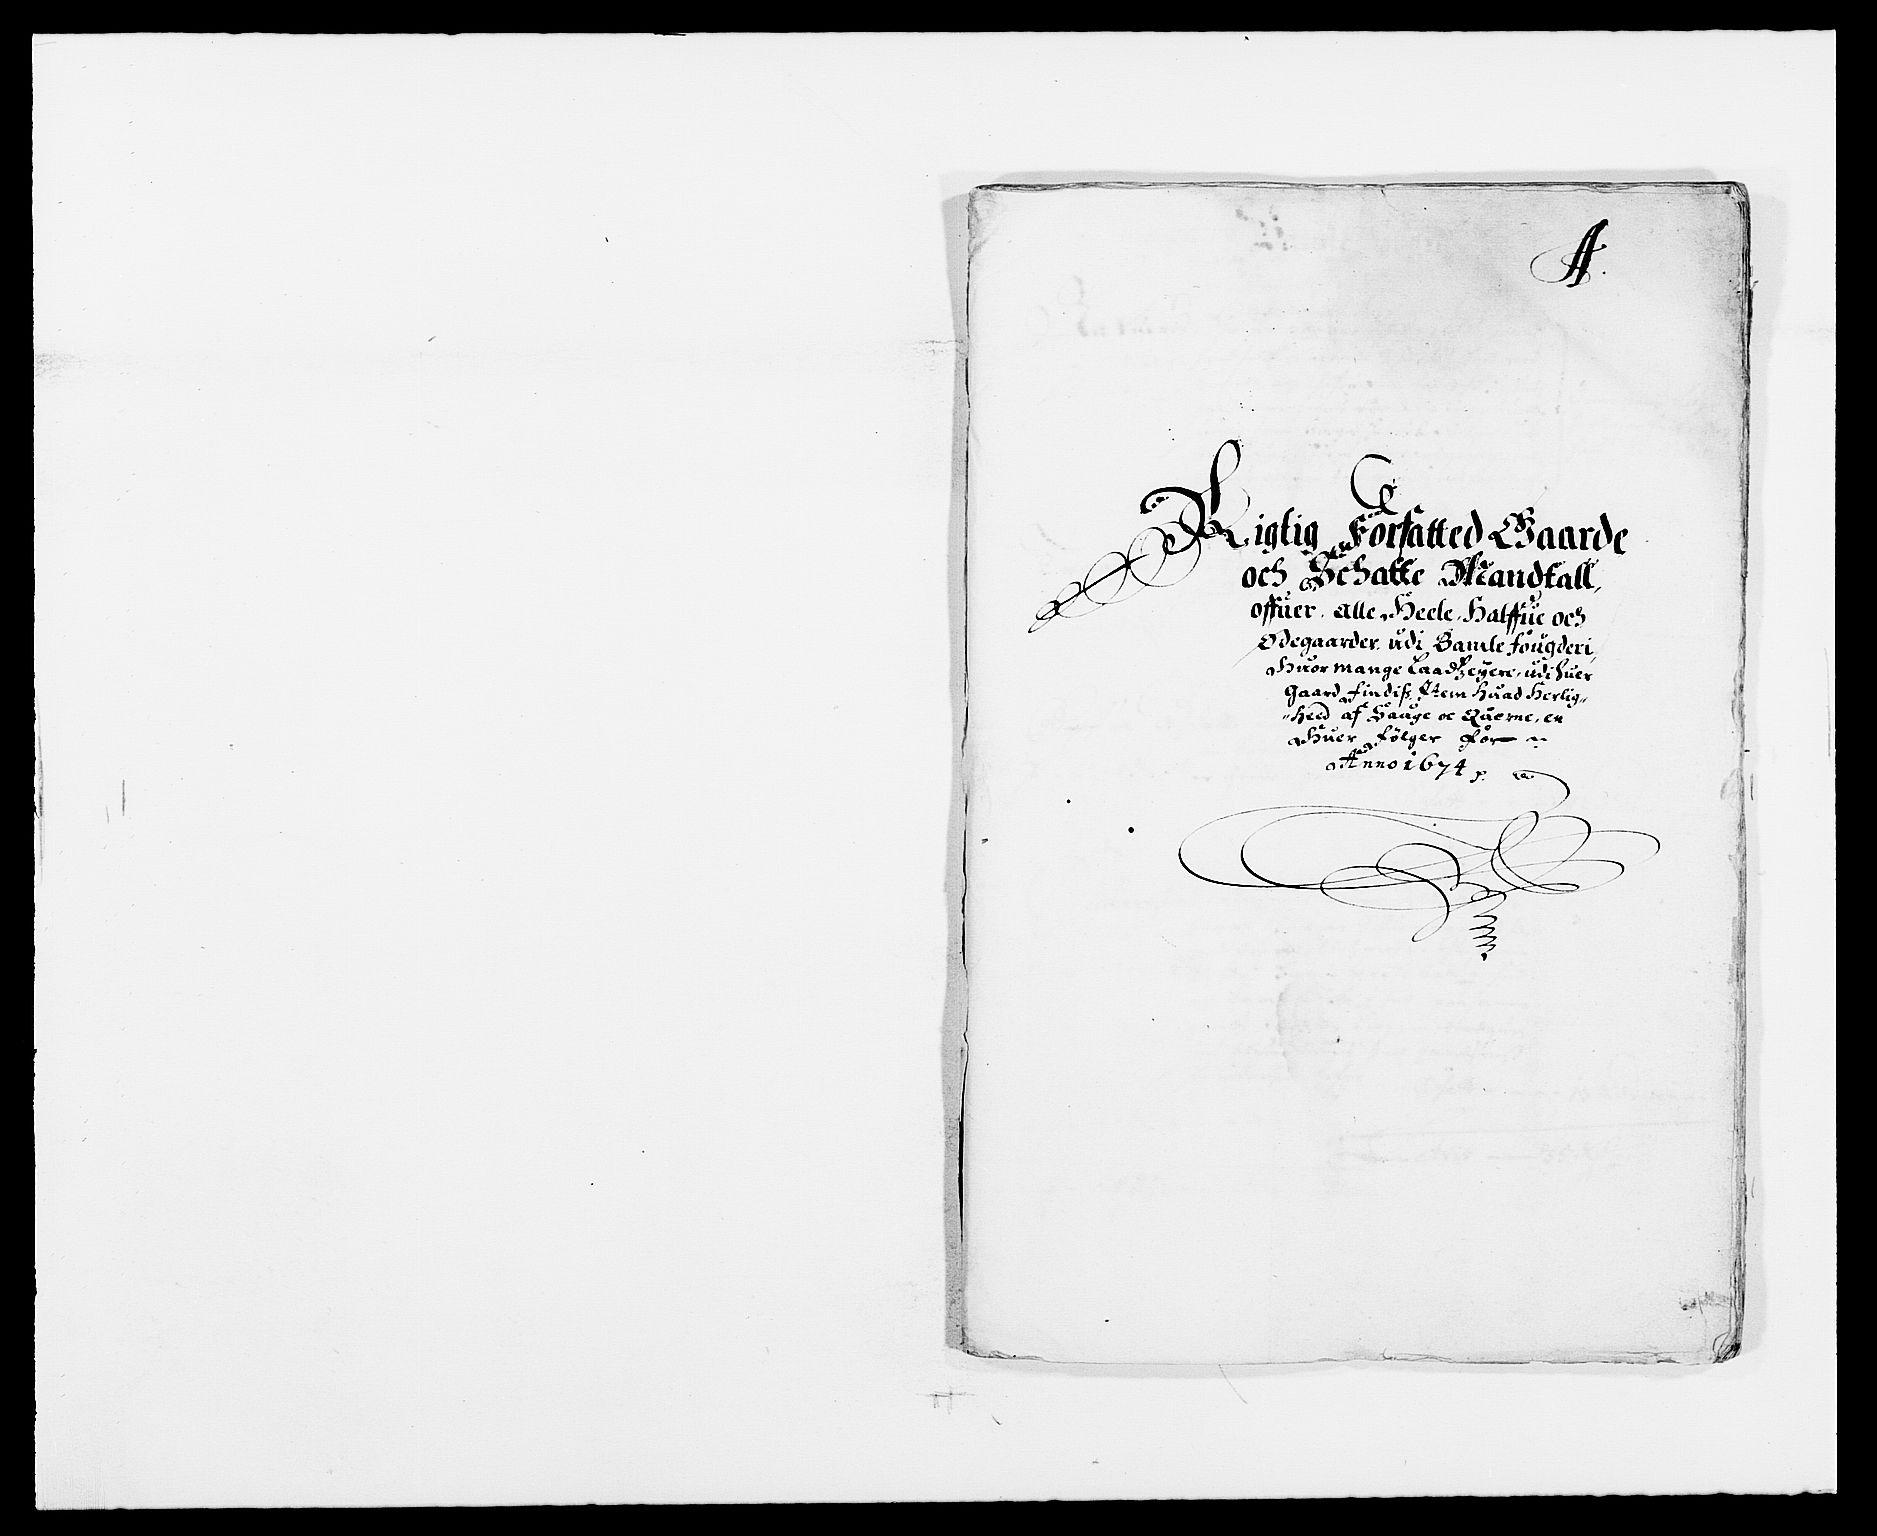 RA, Rentekammeret inntil 1814, Reviderte regnskaper, Fogderegnskap, R34/L2042: Fogderegnskap Bamble, 1673-1675, s. 126